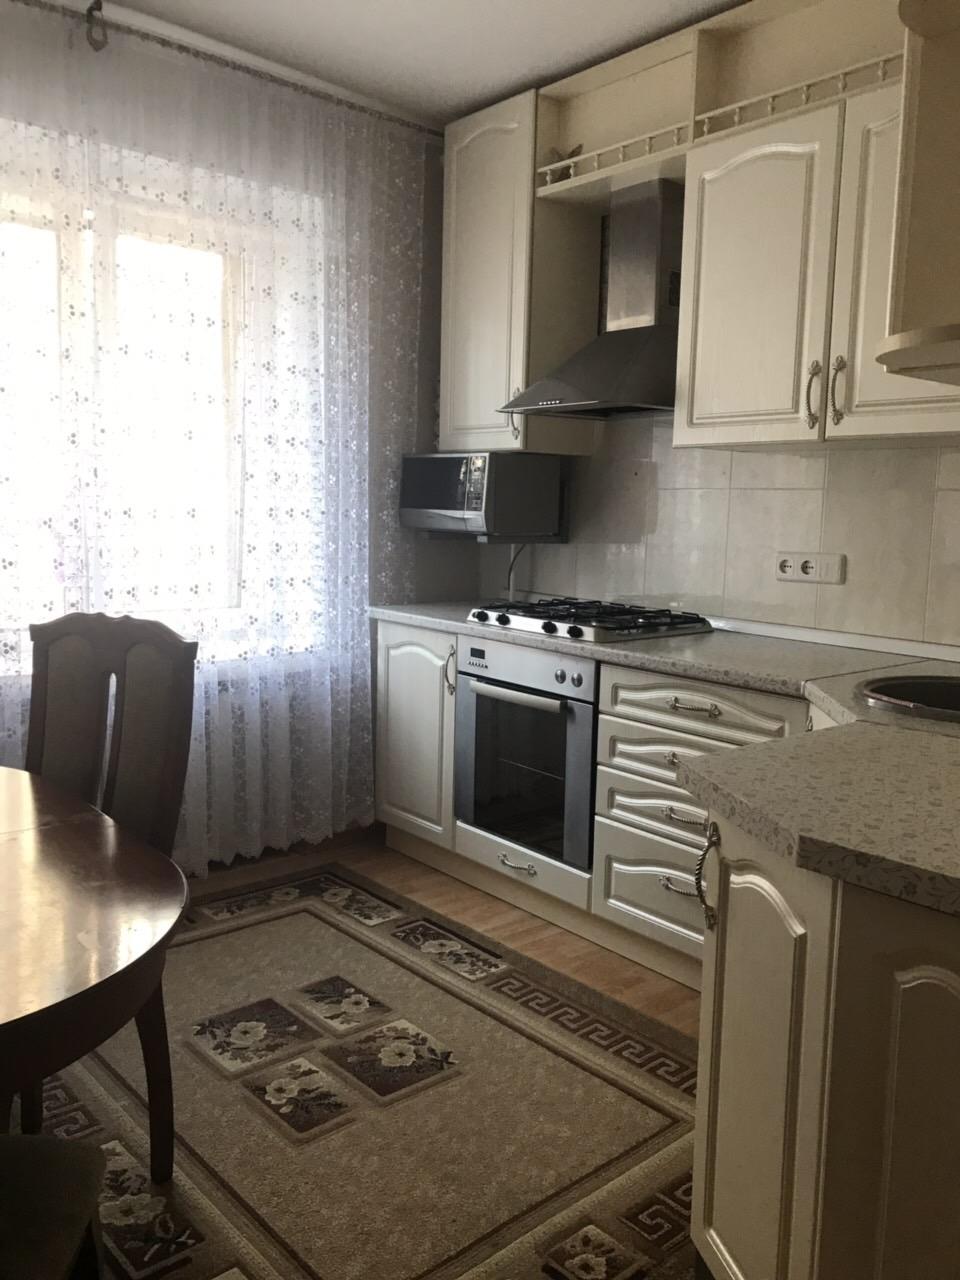 Продам 2-комнатную квартиру в городе Саратов, на улице Большая Затонская, 23, 1-этаж 5-этажного  дома, площадь: 65/38/10 м2